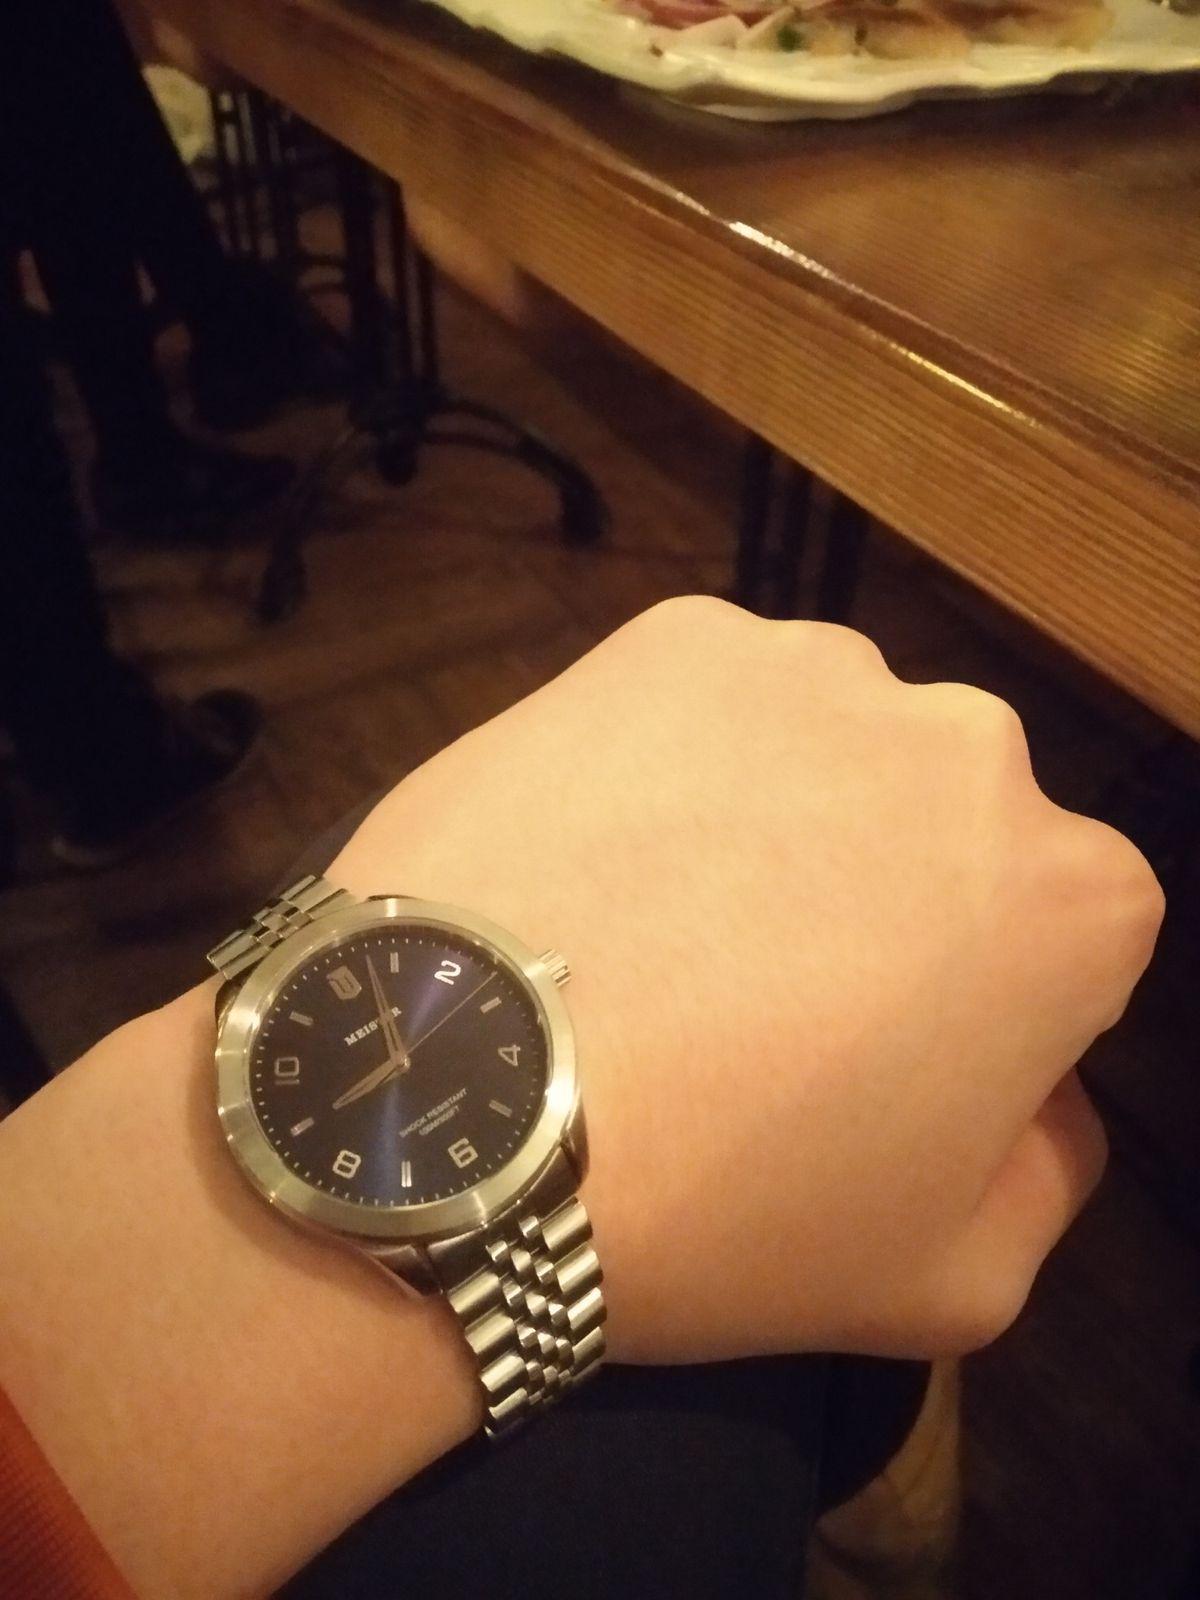 Часы отличные, удобные!Советую брать, но избранным!